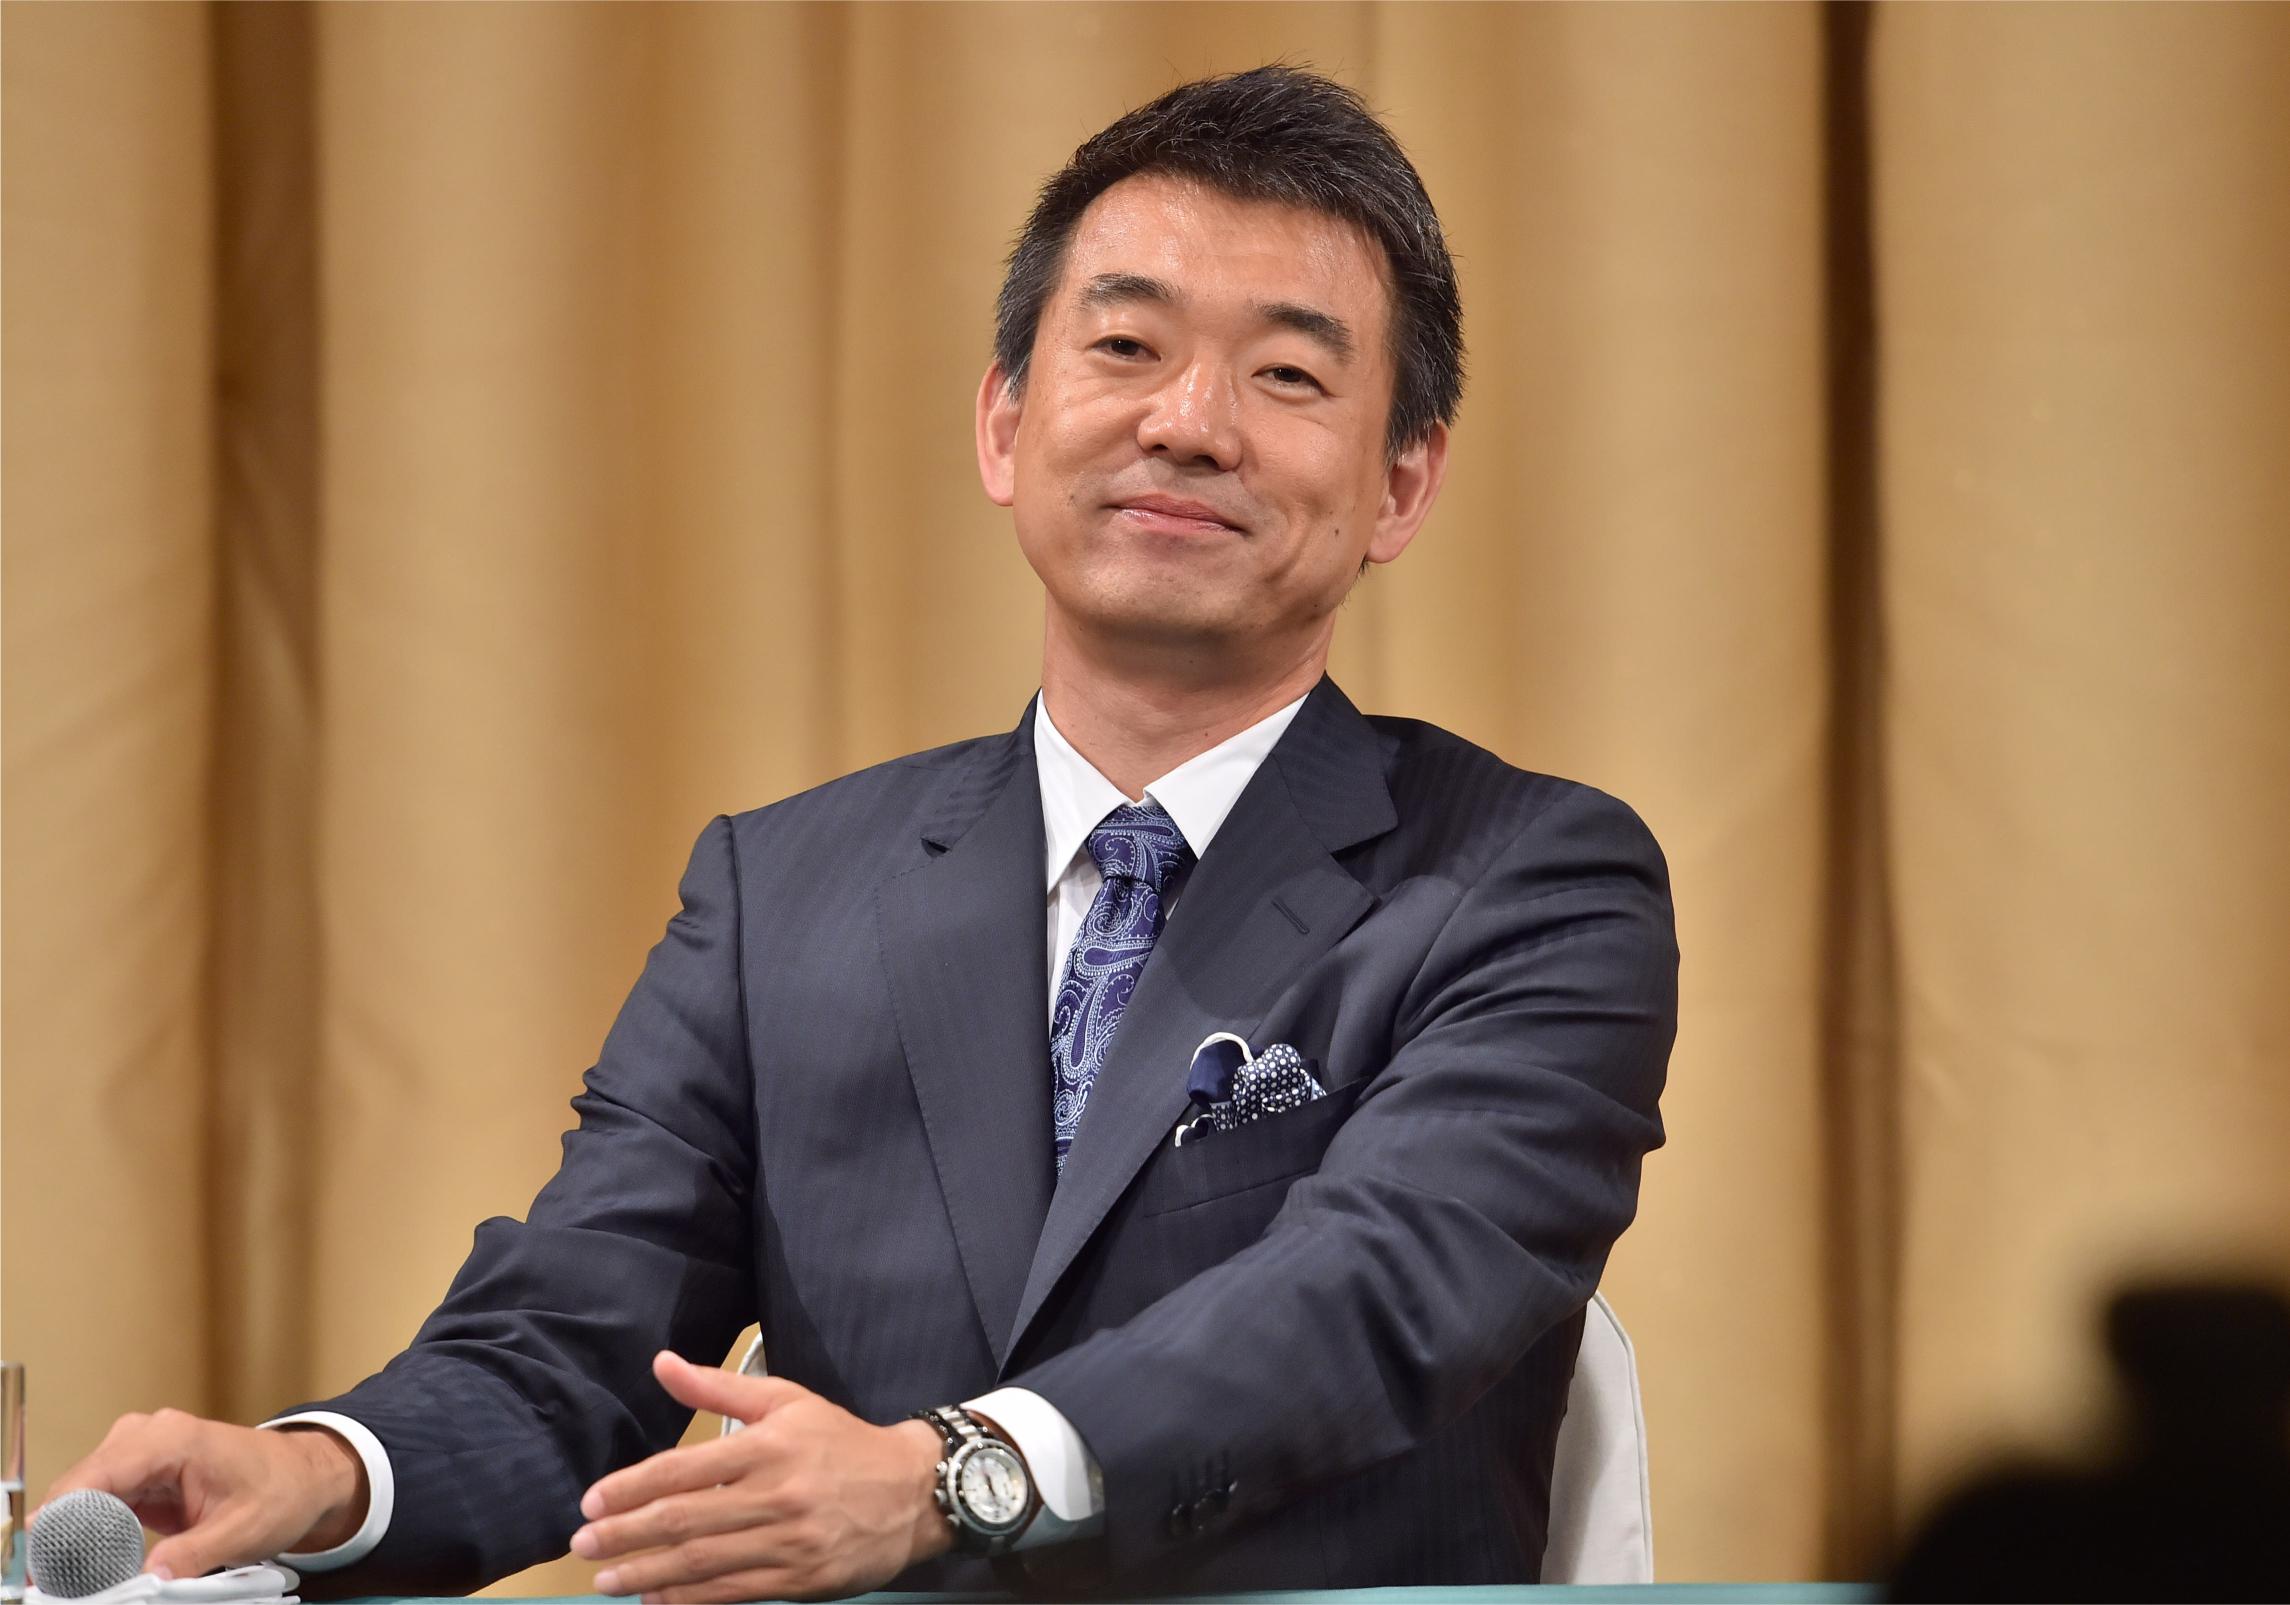 写真・図版 : 住民投票で大阪都構想が否決されたことを受け、政界引退を正式に表明する大阪維新の会代表の橋下徹市長=2015年5月17日夜、大阪市北区